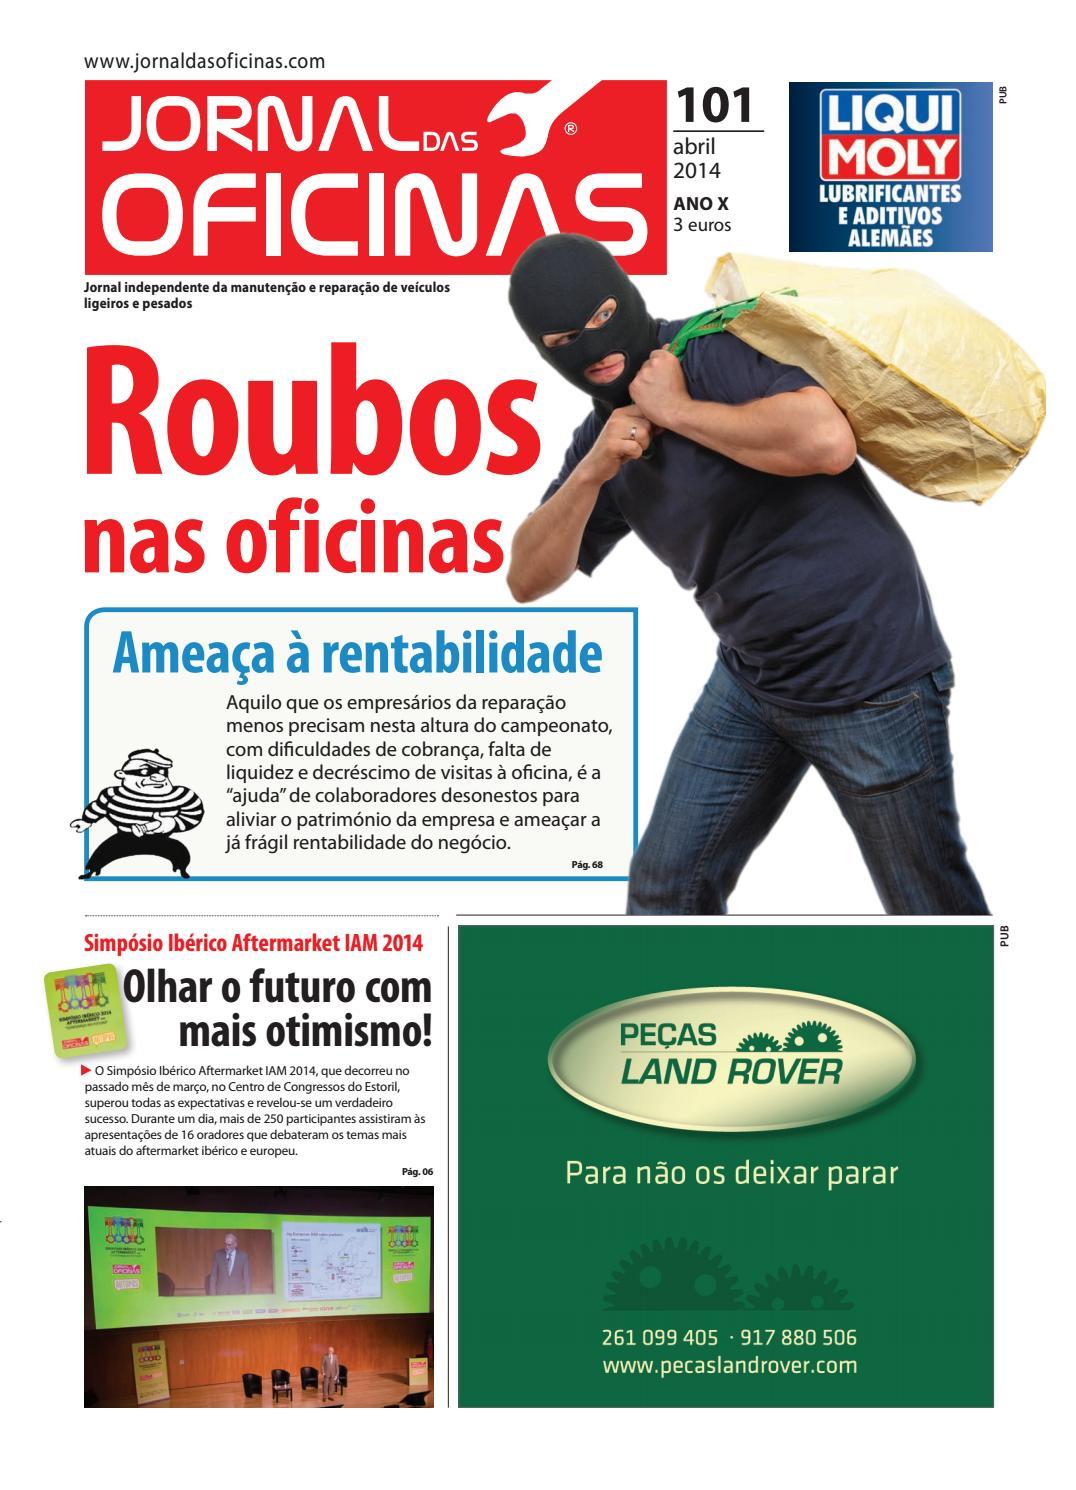 Jo101lr by Jornal das Oficinas - issuu dda0900b4205a